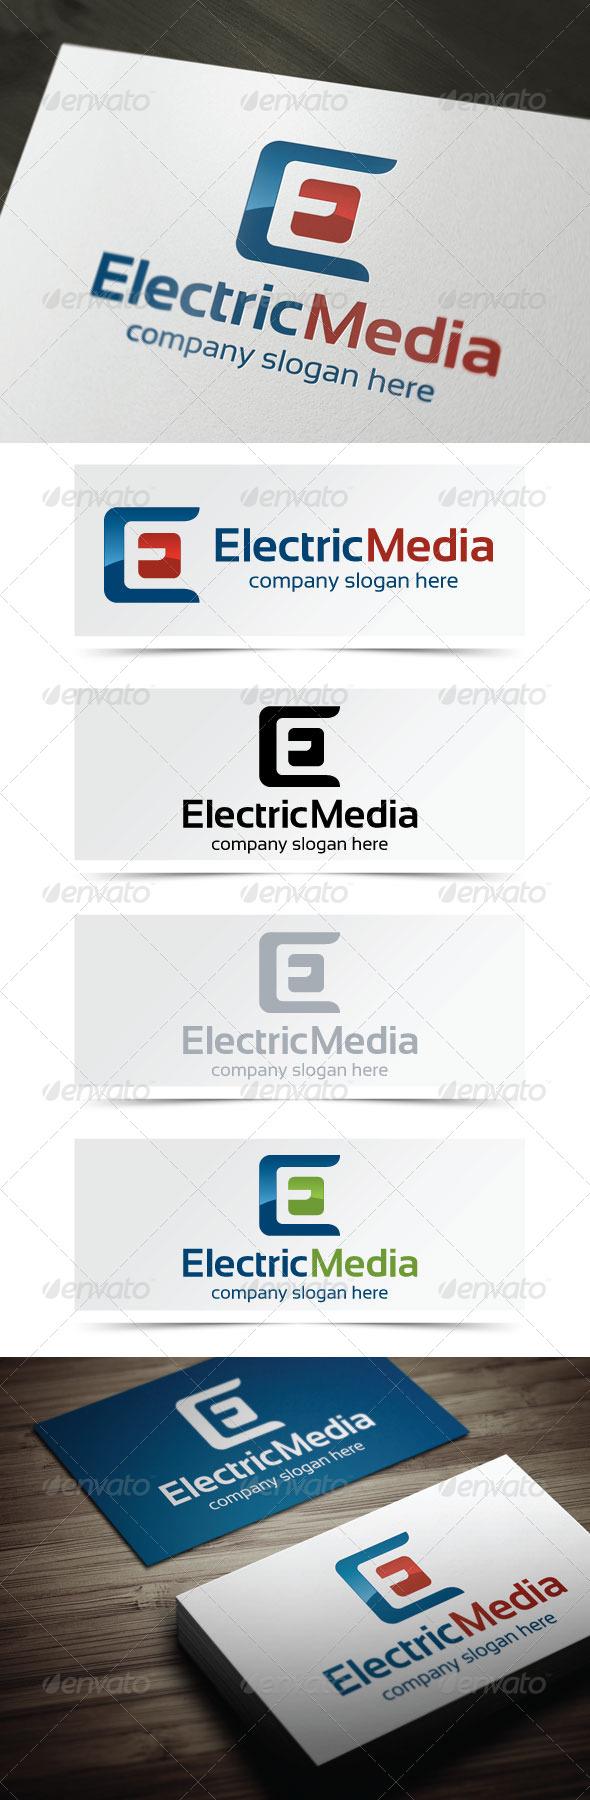 GraphicRiver Electric Media 4799225